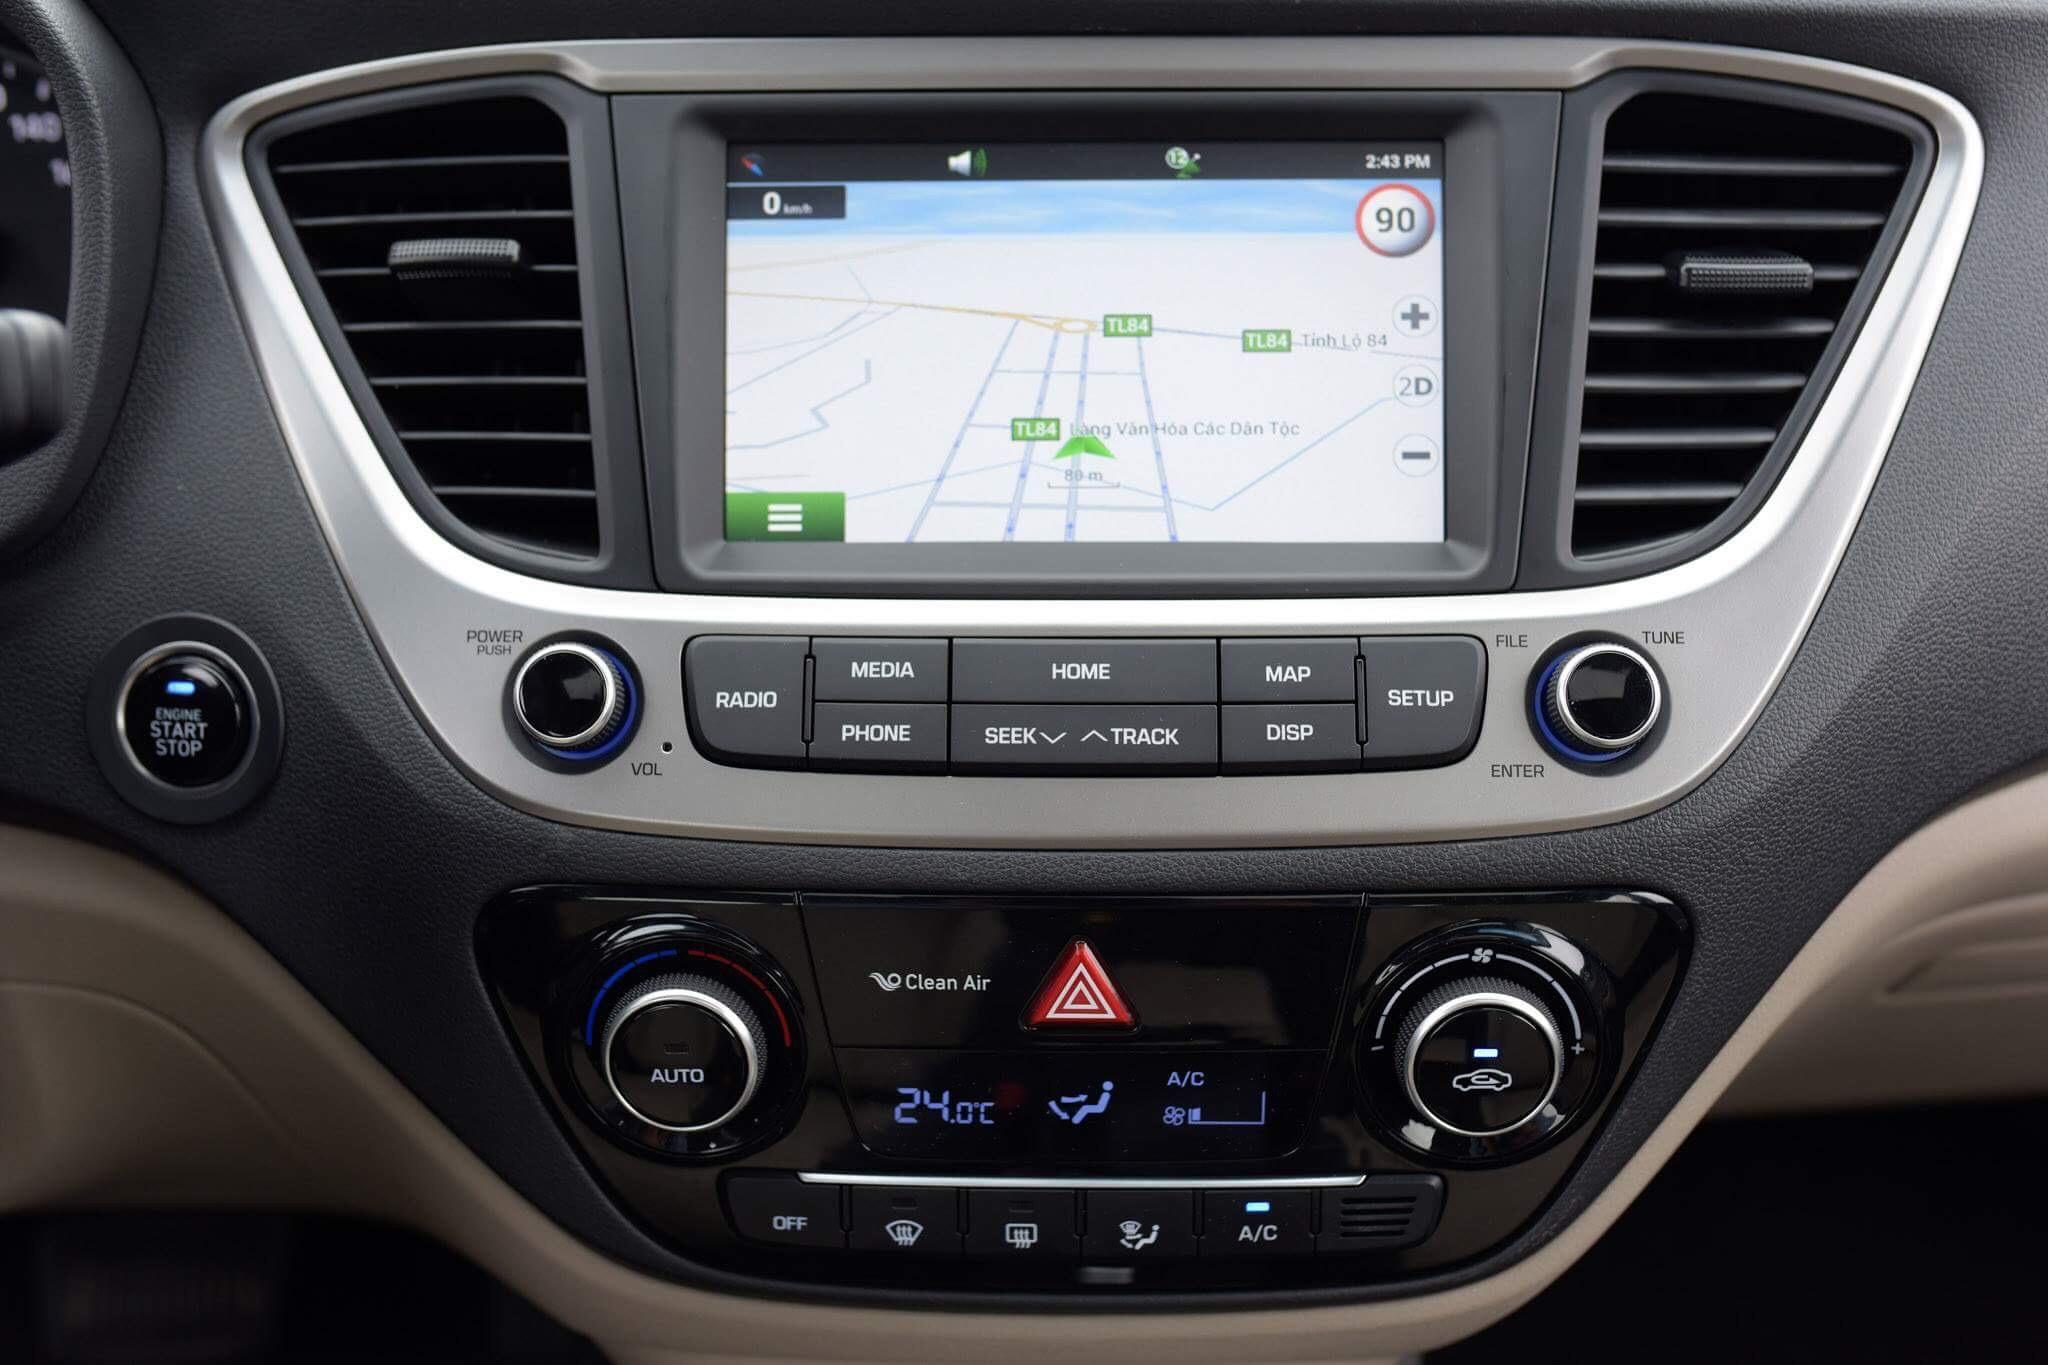 Hyundai accent anh 35 - Hyundai Accent mới: giá xe và khuyến mãi tháng [hienthithang]/[hienthinam]